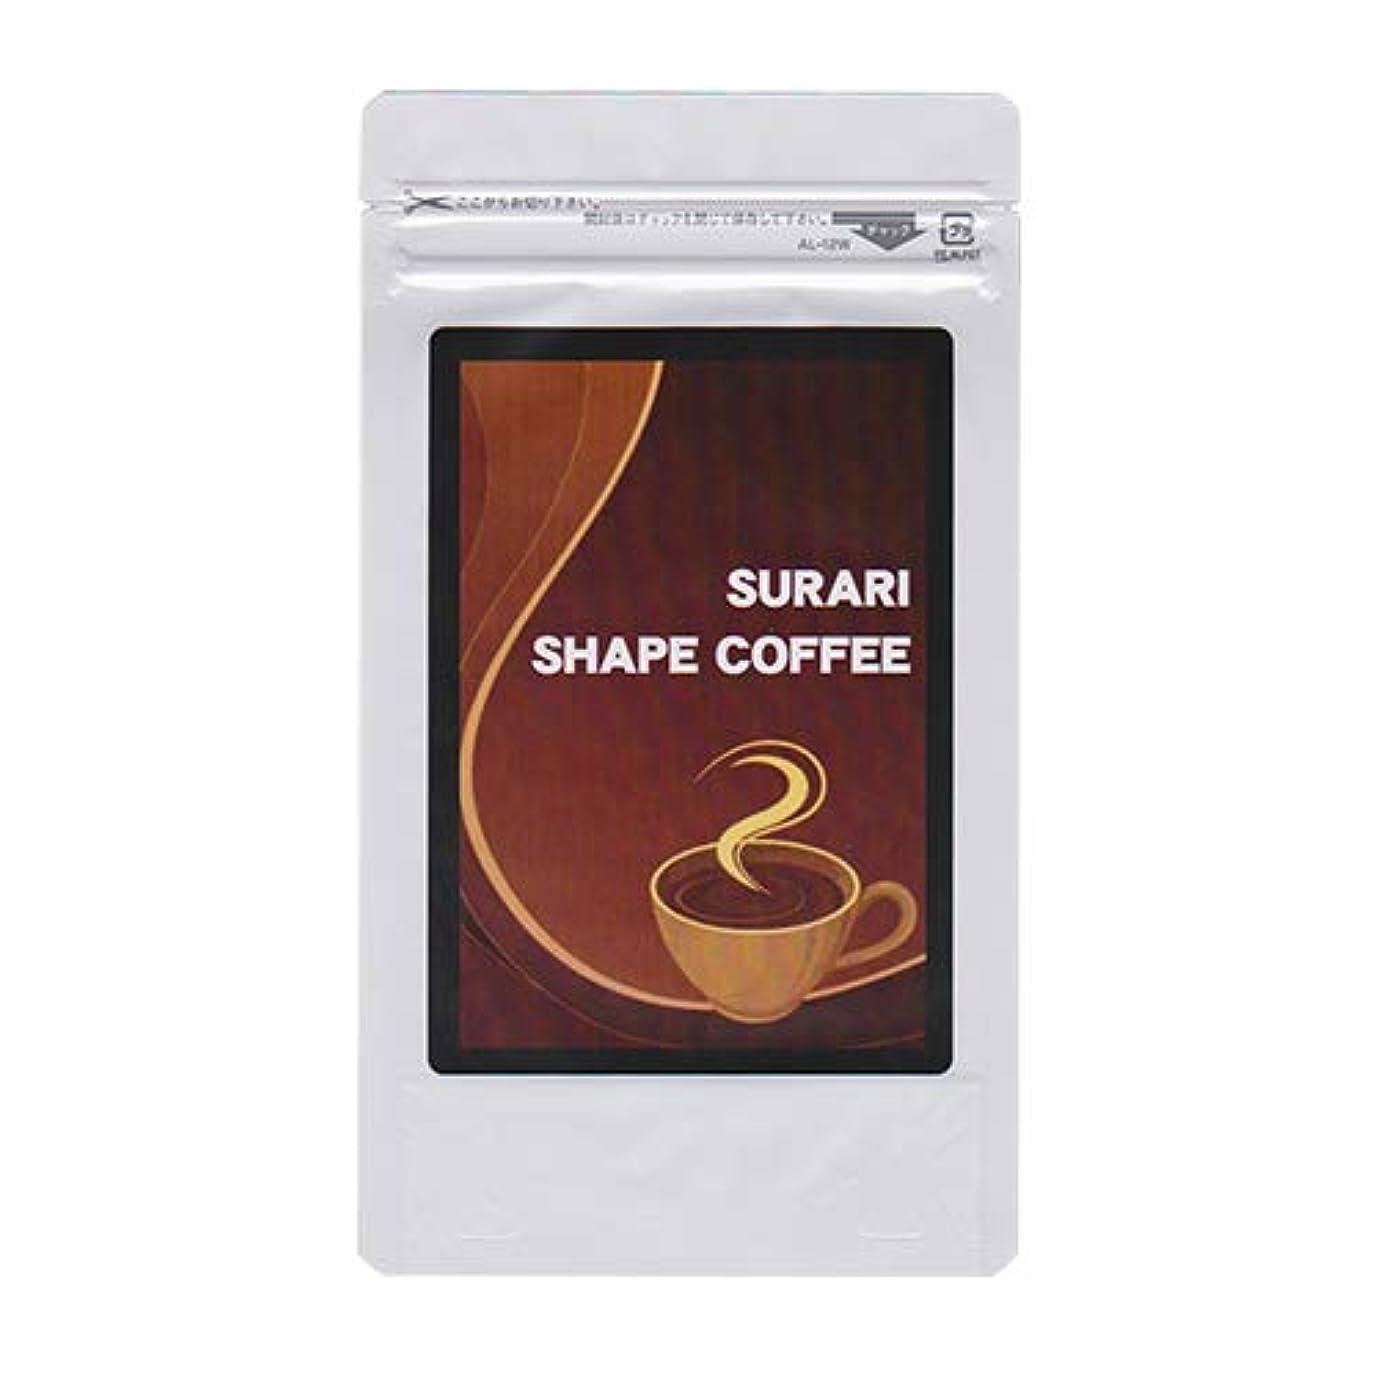 剃る教育わがままSURARI SHAPE COFFEE スラリシェイプコーヒー ダイエットコーヒー